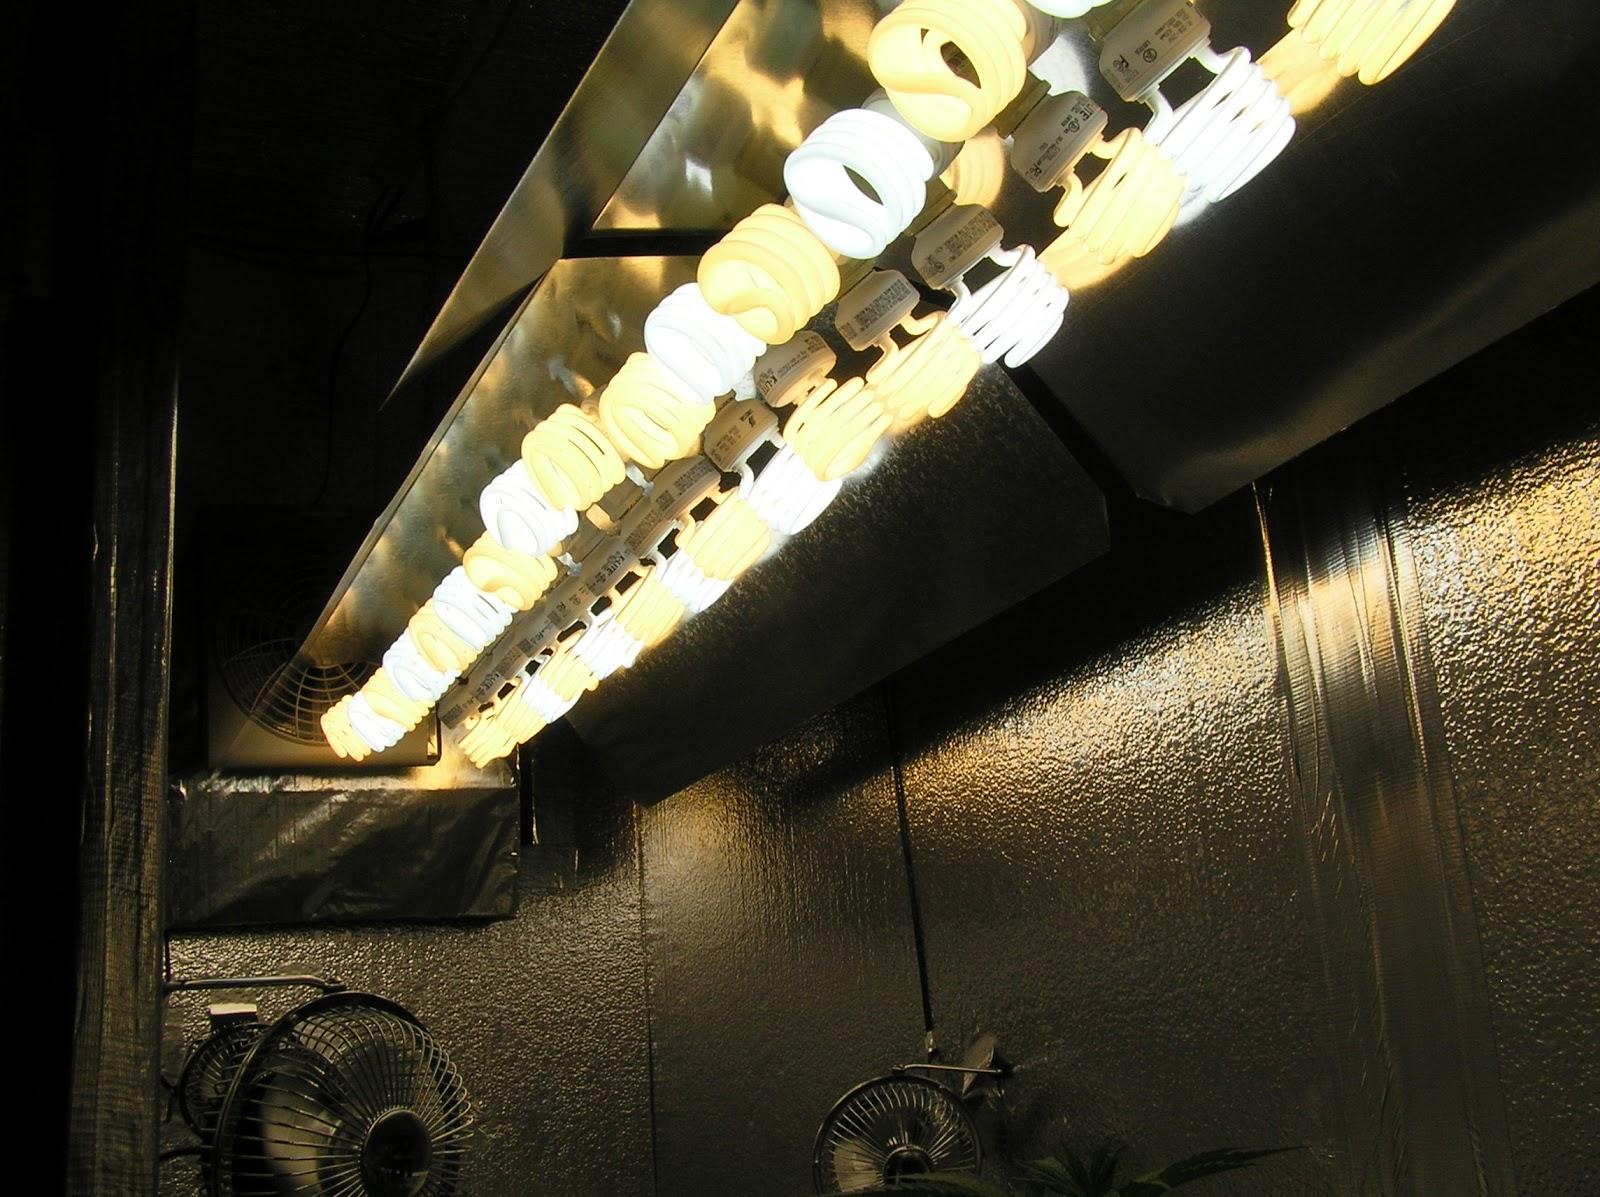 Cfl Vs Led Grow Lights